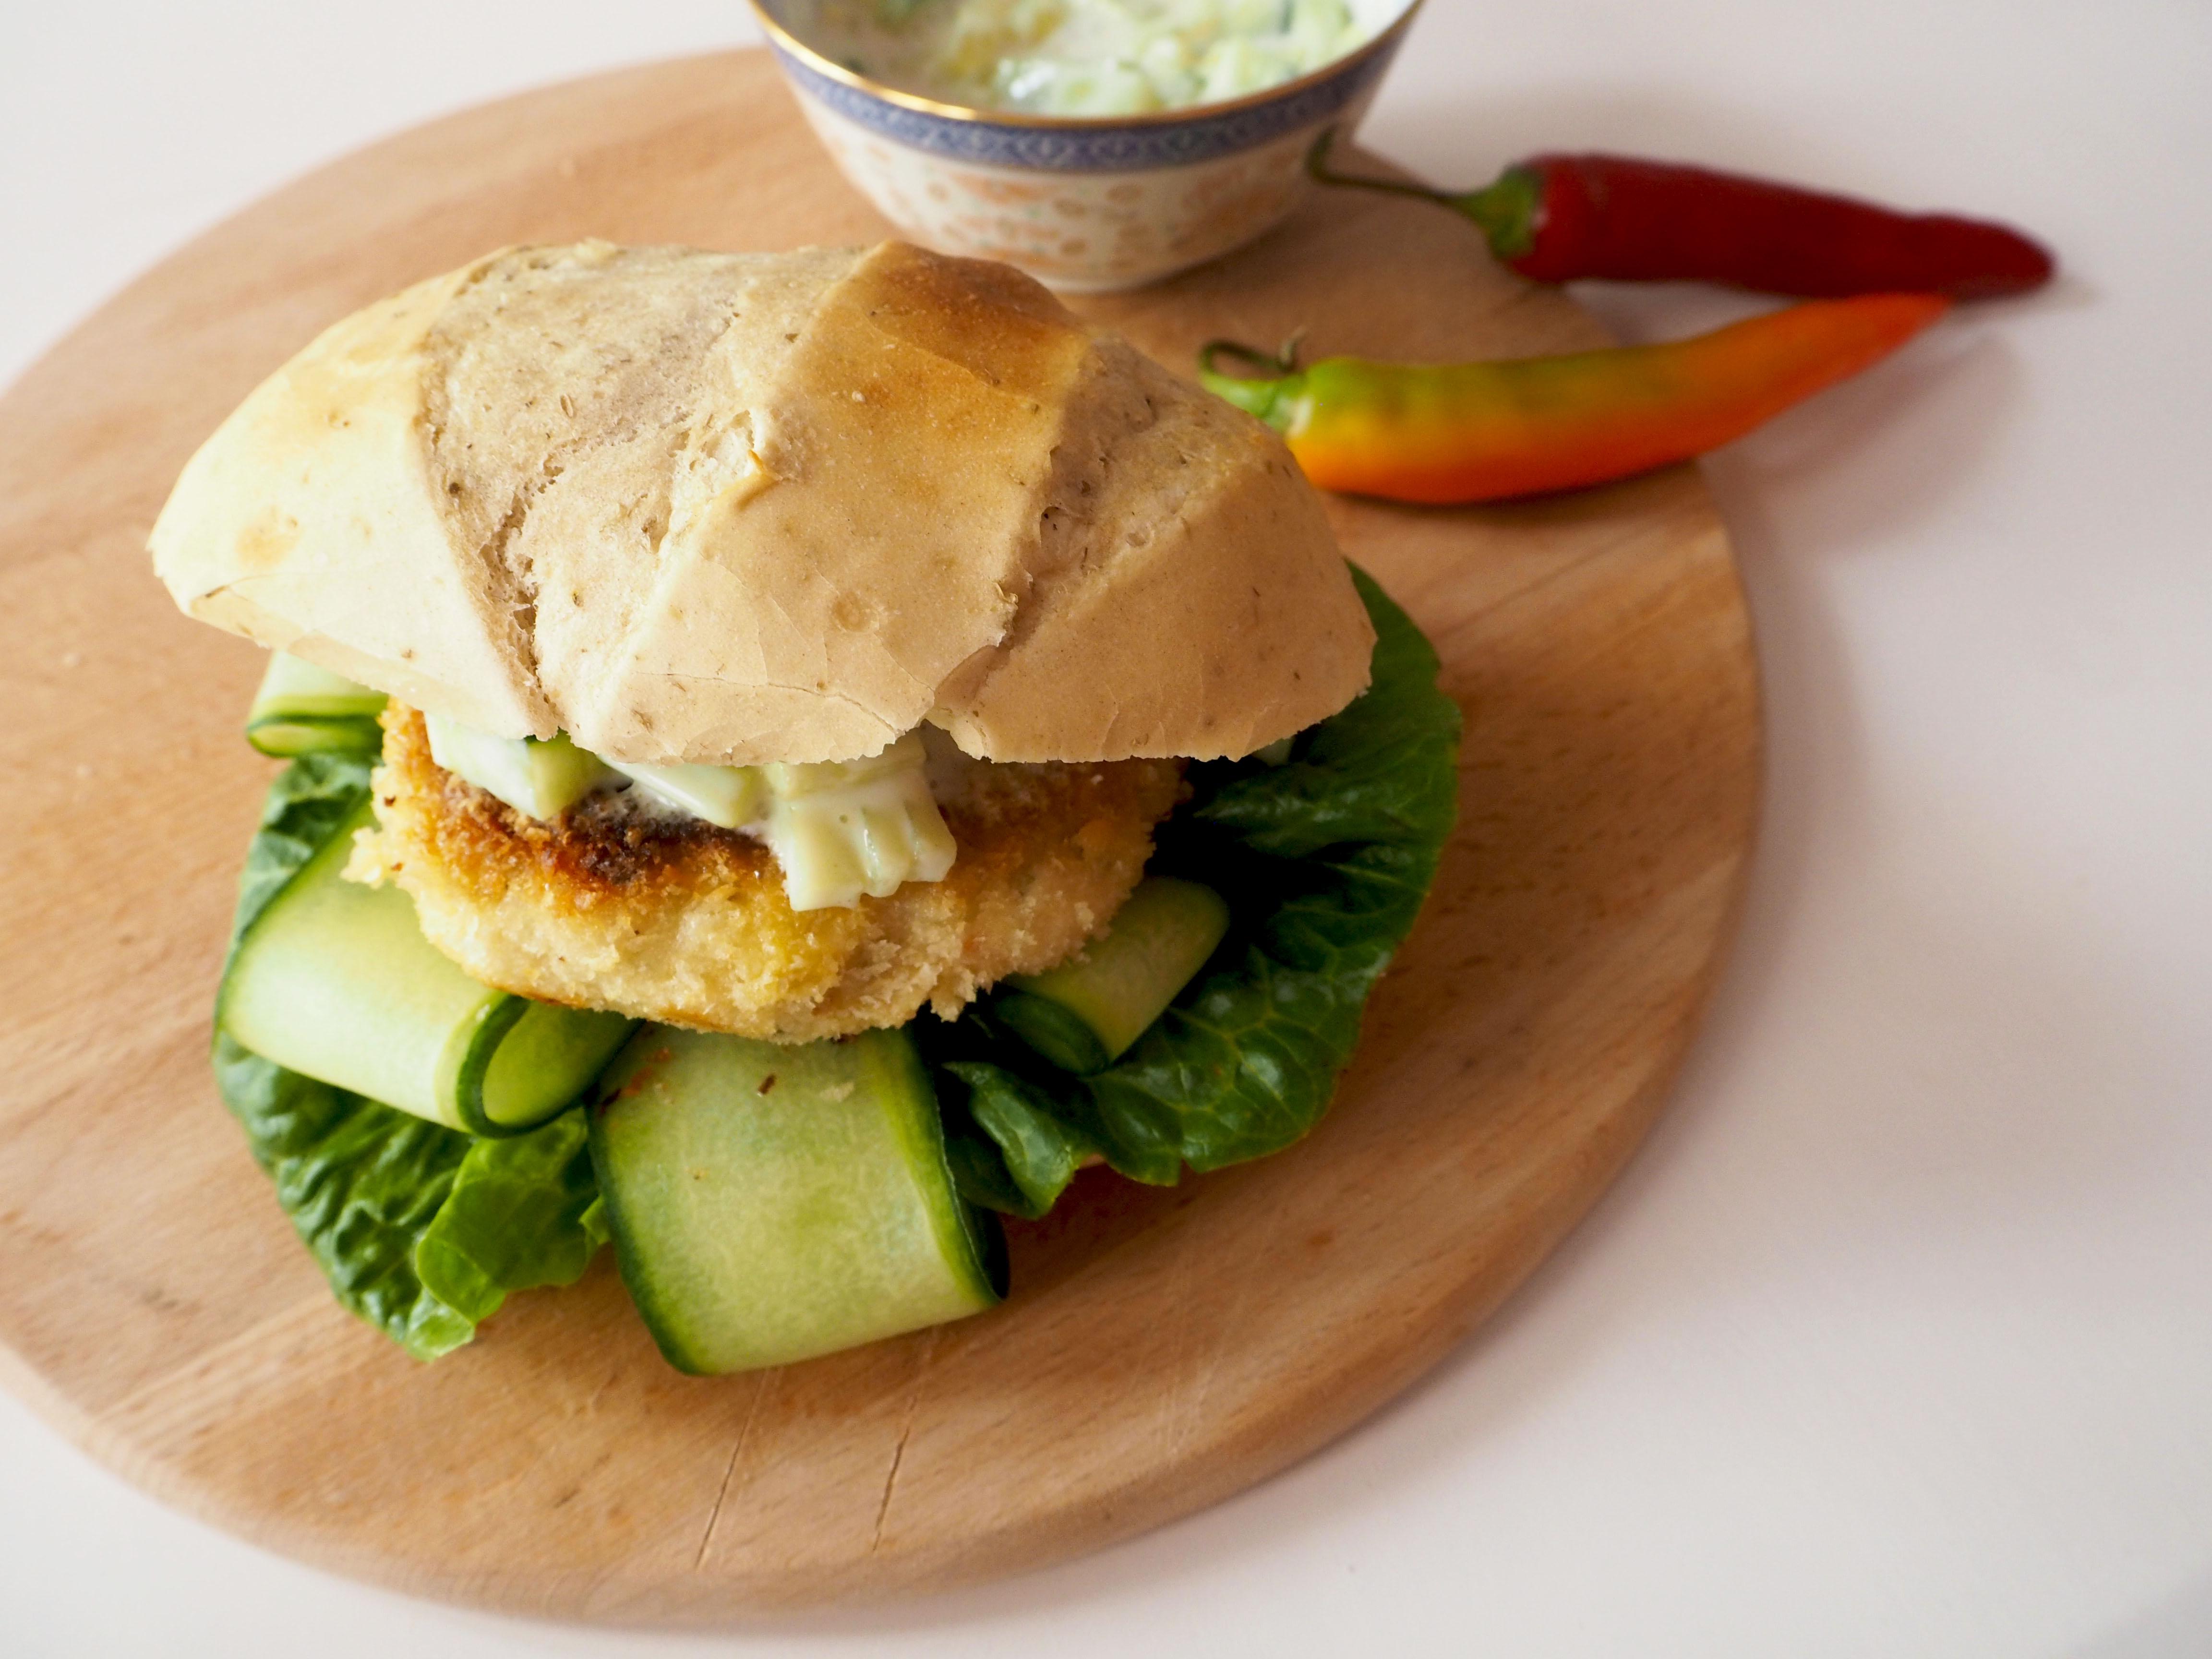 Aiatische visburger met rode peper en komkommer